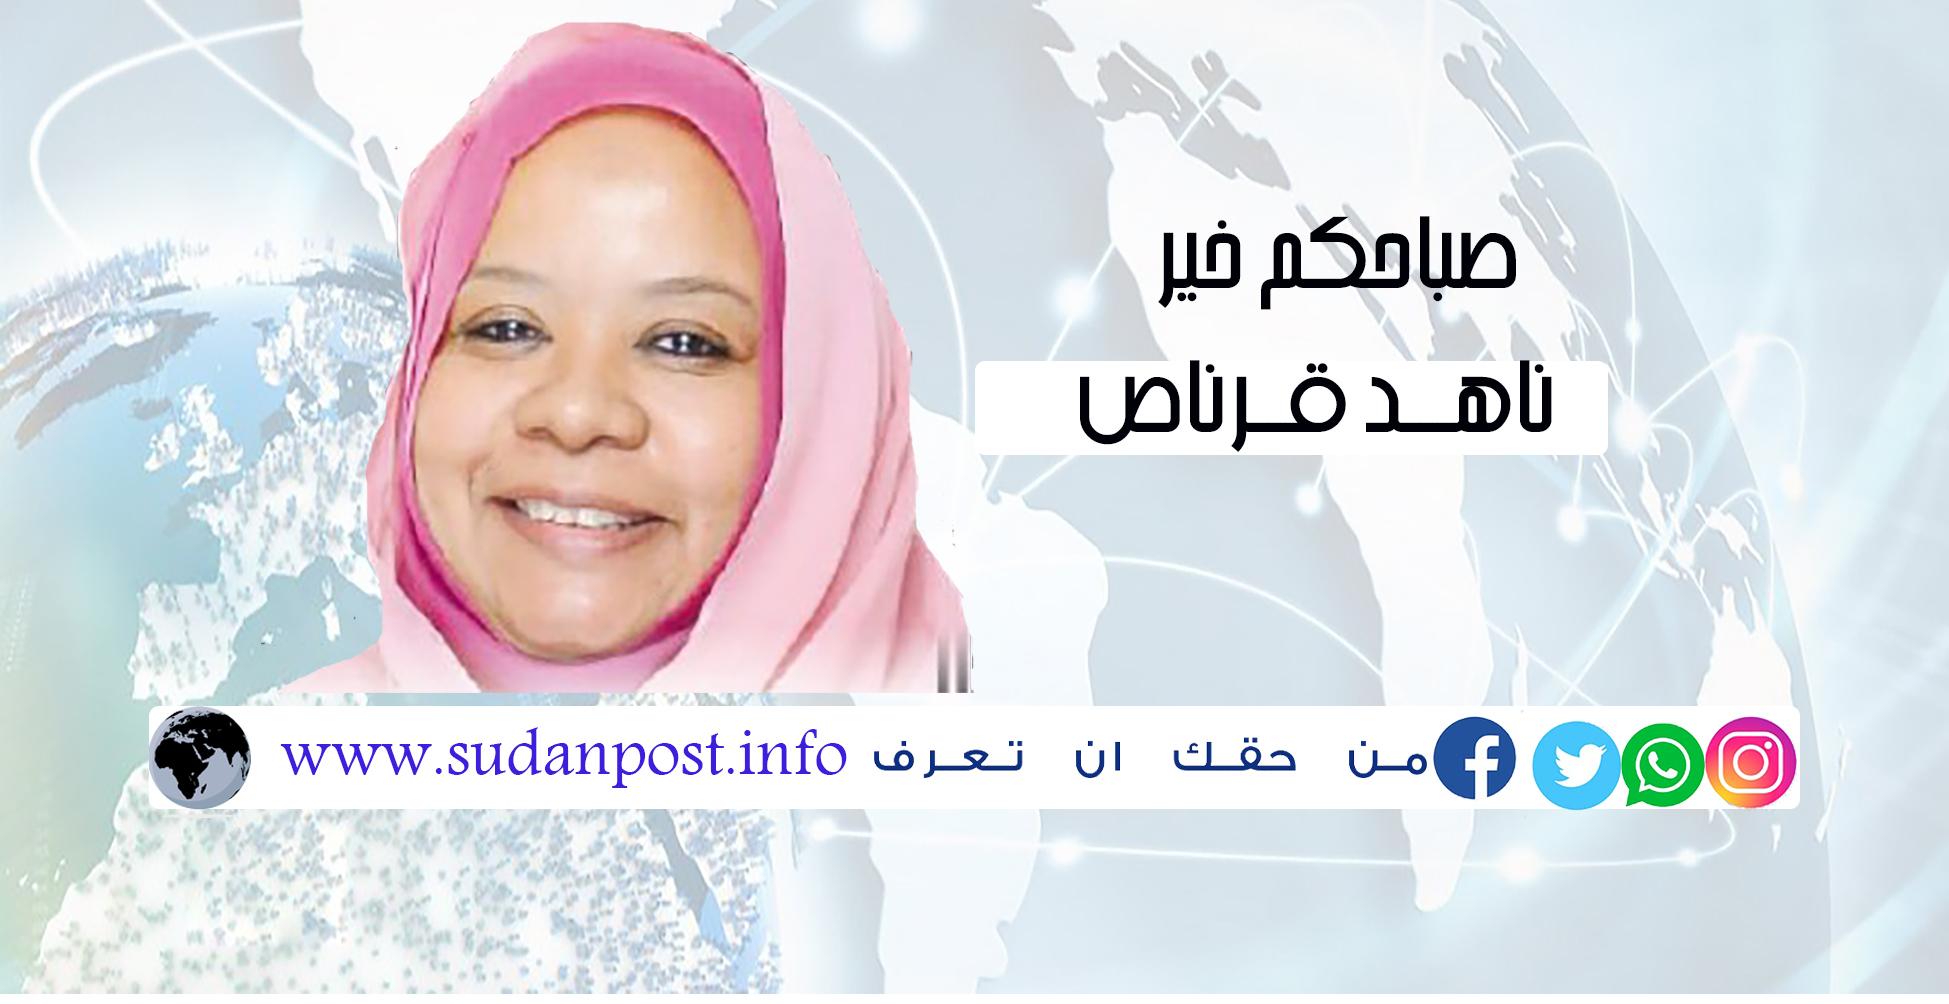 صباحكم خير … بقلم: د. ناهد قرناص .. أستراحة الجمعة